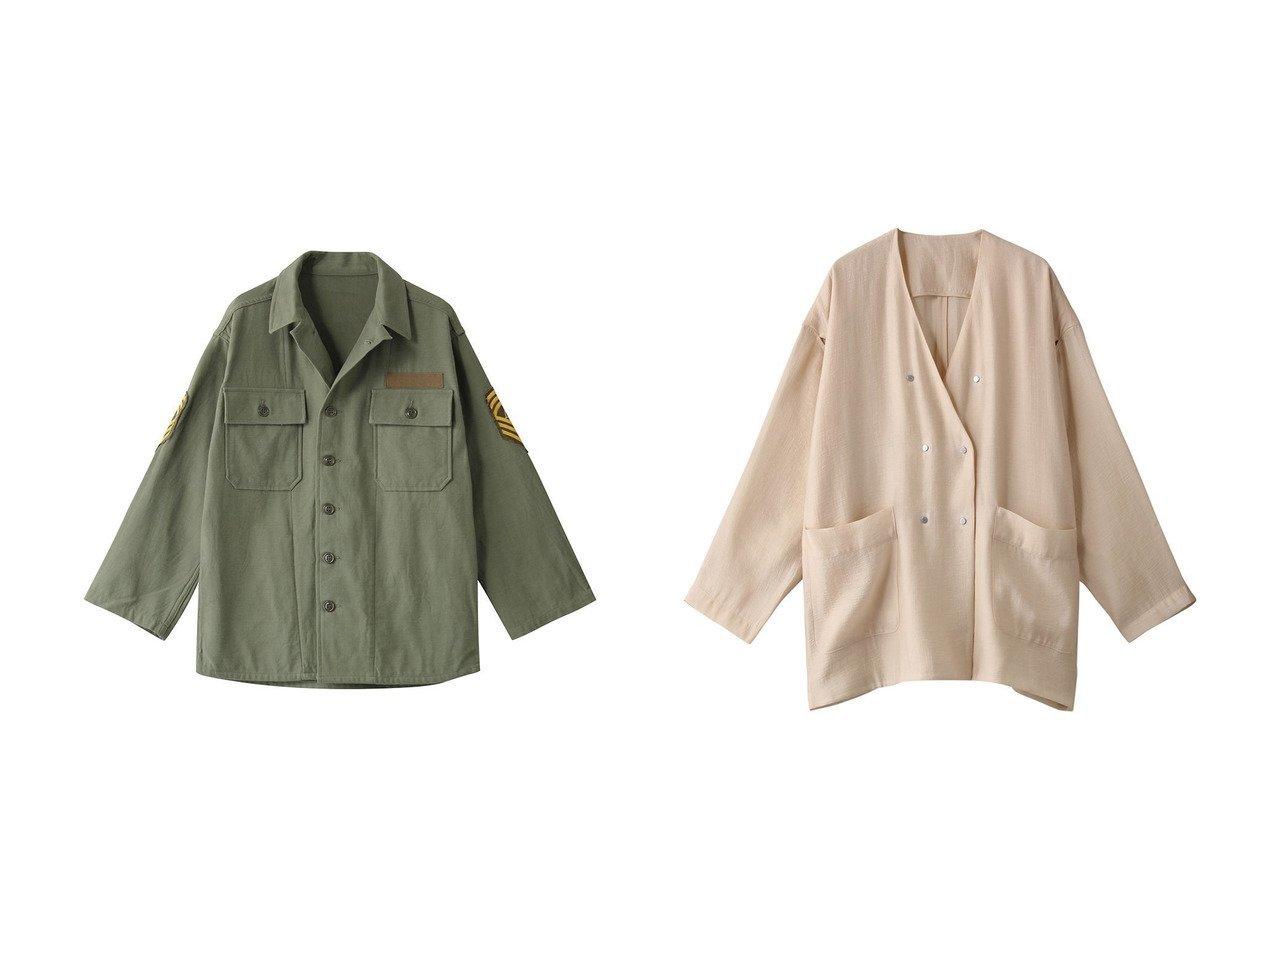 【ROSE BUD/ローズバッド】のノーカラーシアージャケット&【MADISONBLUE/マディソンブルー】のミリタリージャケット 【アウター】おすすめ!人気、トレンド・レディースファッションの通販 おすすめで人気の流行・トレンド、ファッションの通販商品 インテリア・家具・メンズファッション・キッズファッション・レディースファッション・服の通販 founy(ファニー) https://founy.com/ ファッション Fashion レディースファッション WOMEN アウター Coat Outerwear ジャケット Jackets ブルゾン Blouson/Jackets 2020年 2020 2020-2021秋冬・A/W AW・Autumn/Winter・FW・Fall-Winter/2020-2021 2021年 2021 2021-2022秋冬・A/W AW・Autumn/Winter・FW・Fall-Winter・2021-2022 A/W・秋冬 AW・Autumn/Winter・FW・Fall-Winter ジャケット スタイリッシュ フェミニン ブルゾン ミリタリー シアー スリット 夏 Summer  ID:crp329100000057570